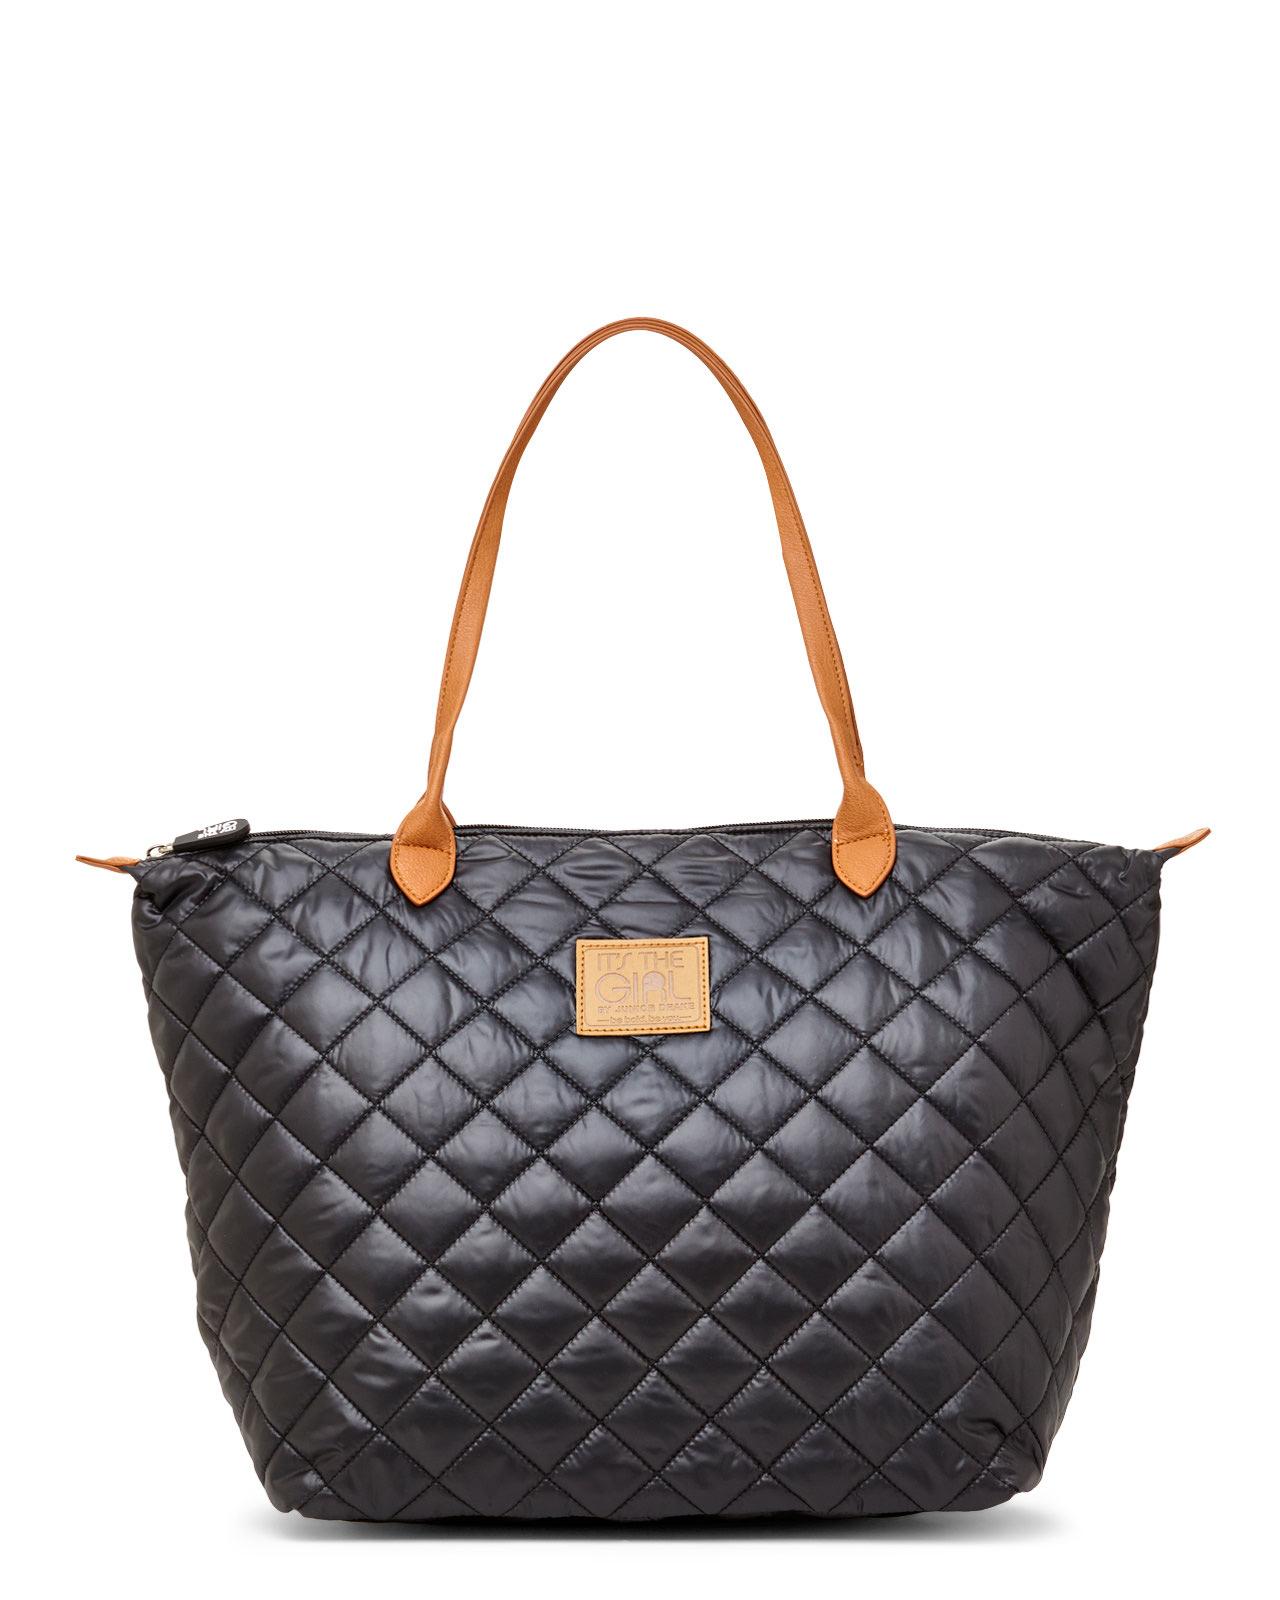 dp dots aqua com quilted threadart small beauty tote quilt amazon bag